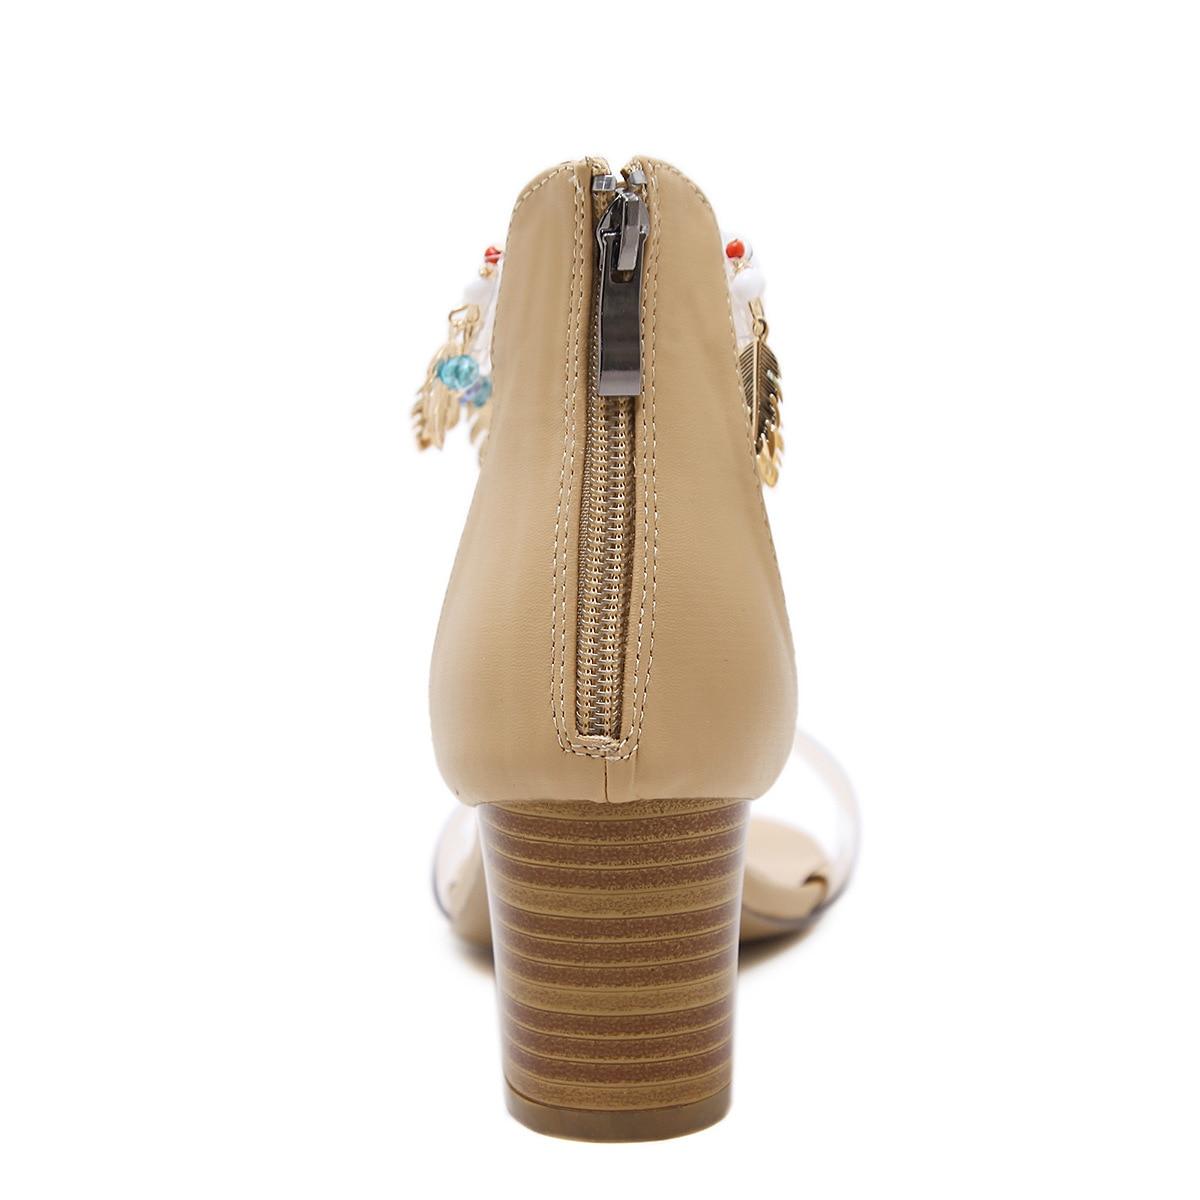 Talons Partie Chaussures Robe Femmes Mariage Pvc Sangle Xingdeng Sandales Strass Bijoux Hauts Glands Cheville black Zip Décoration Fille De Beige An0qRn1